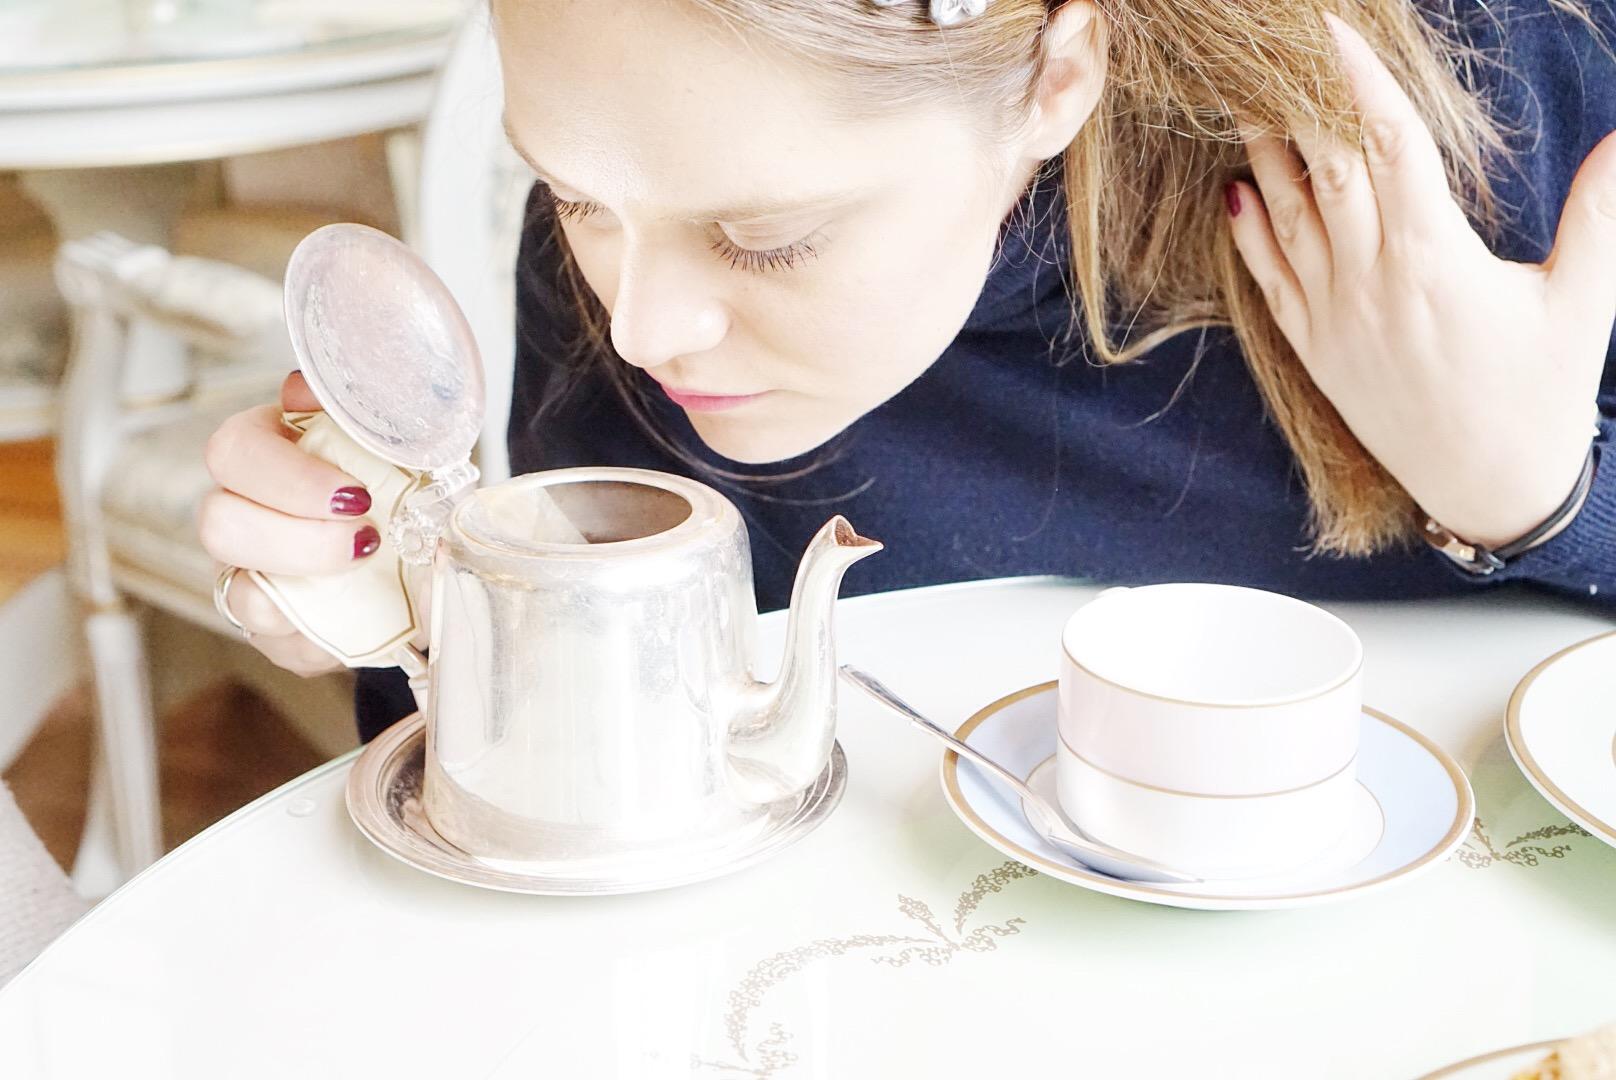 zawsze wącham jedzenie i napoje...zapach jest bardzo ważny